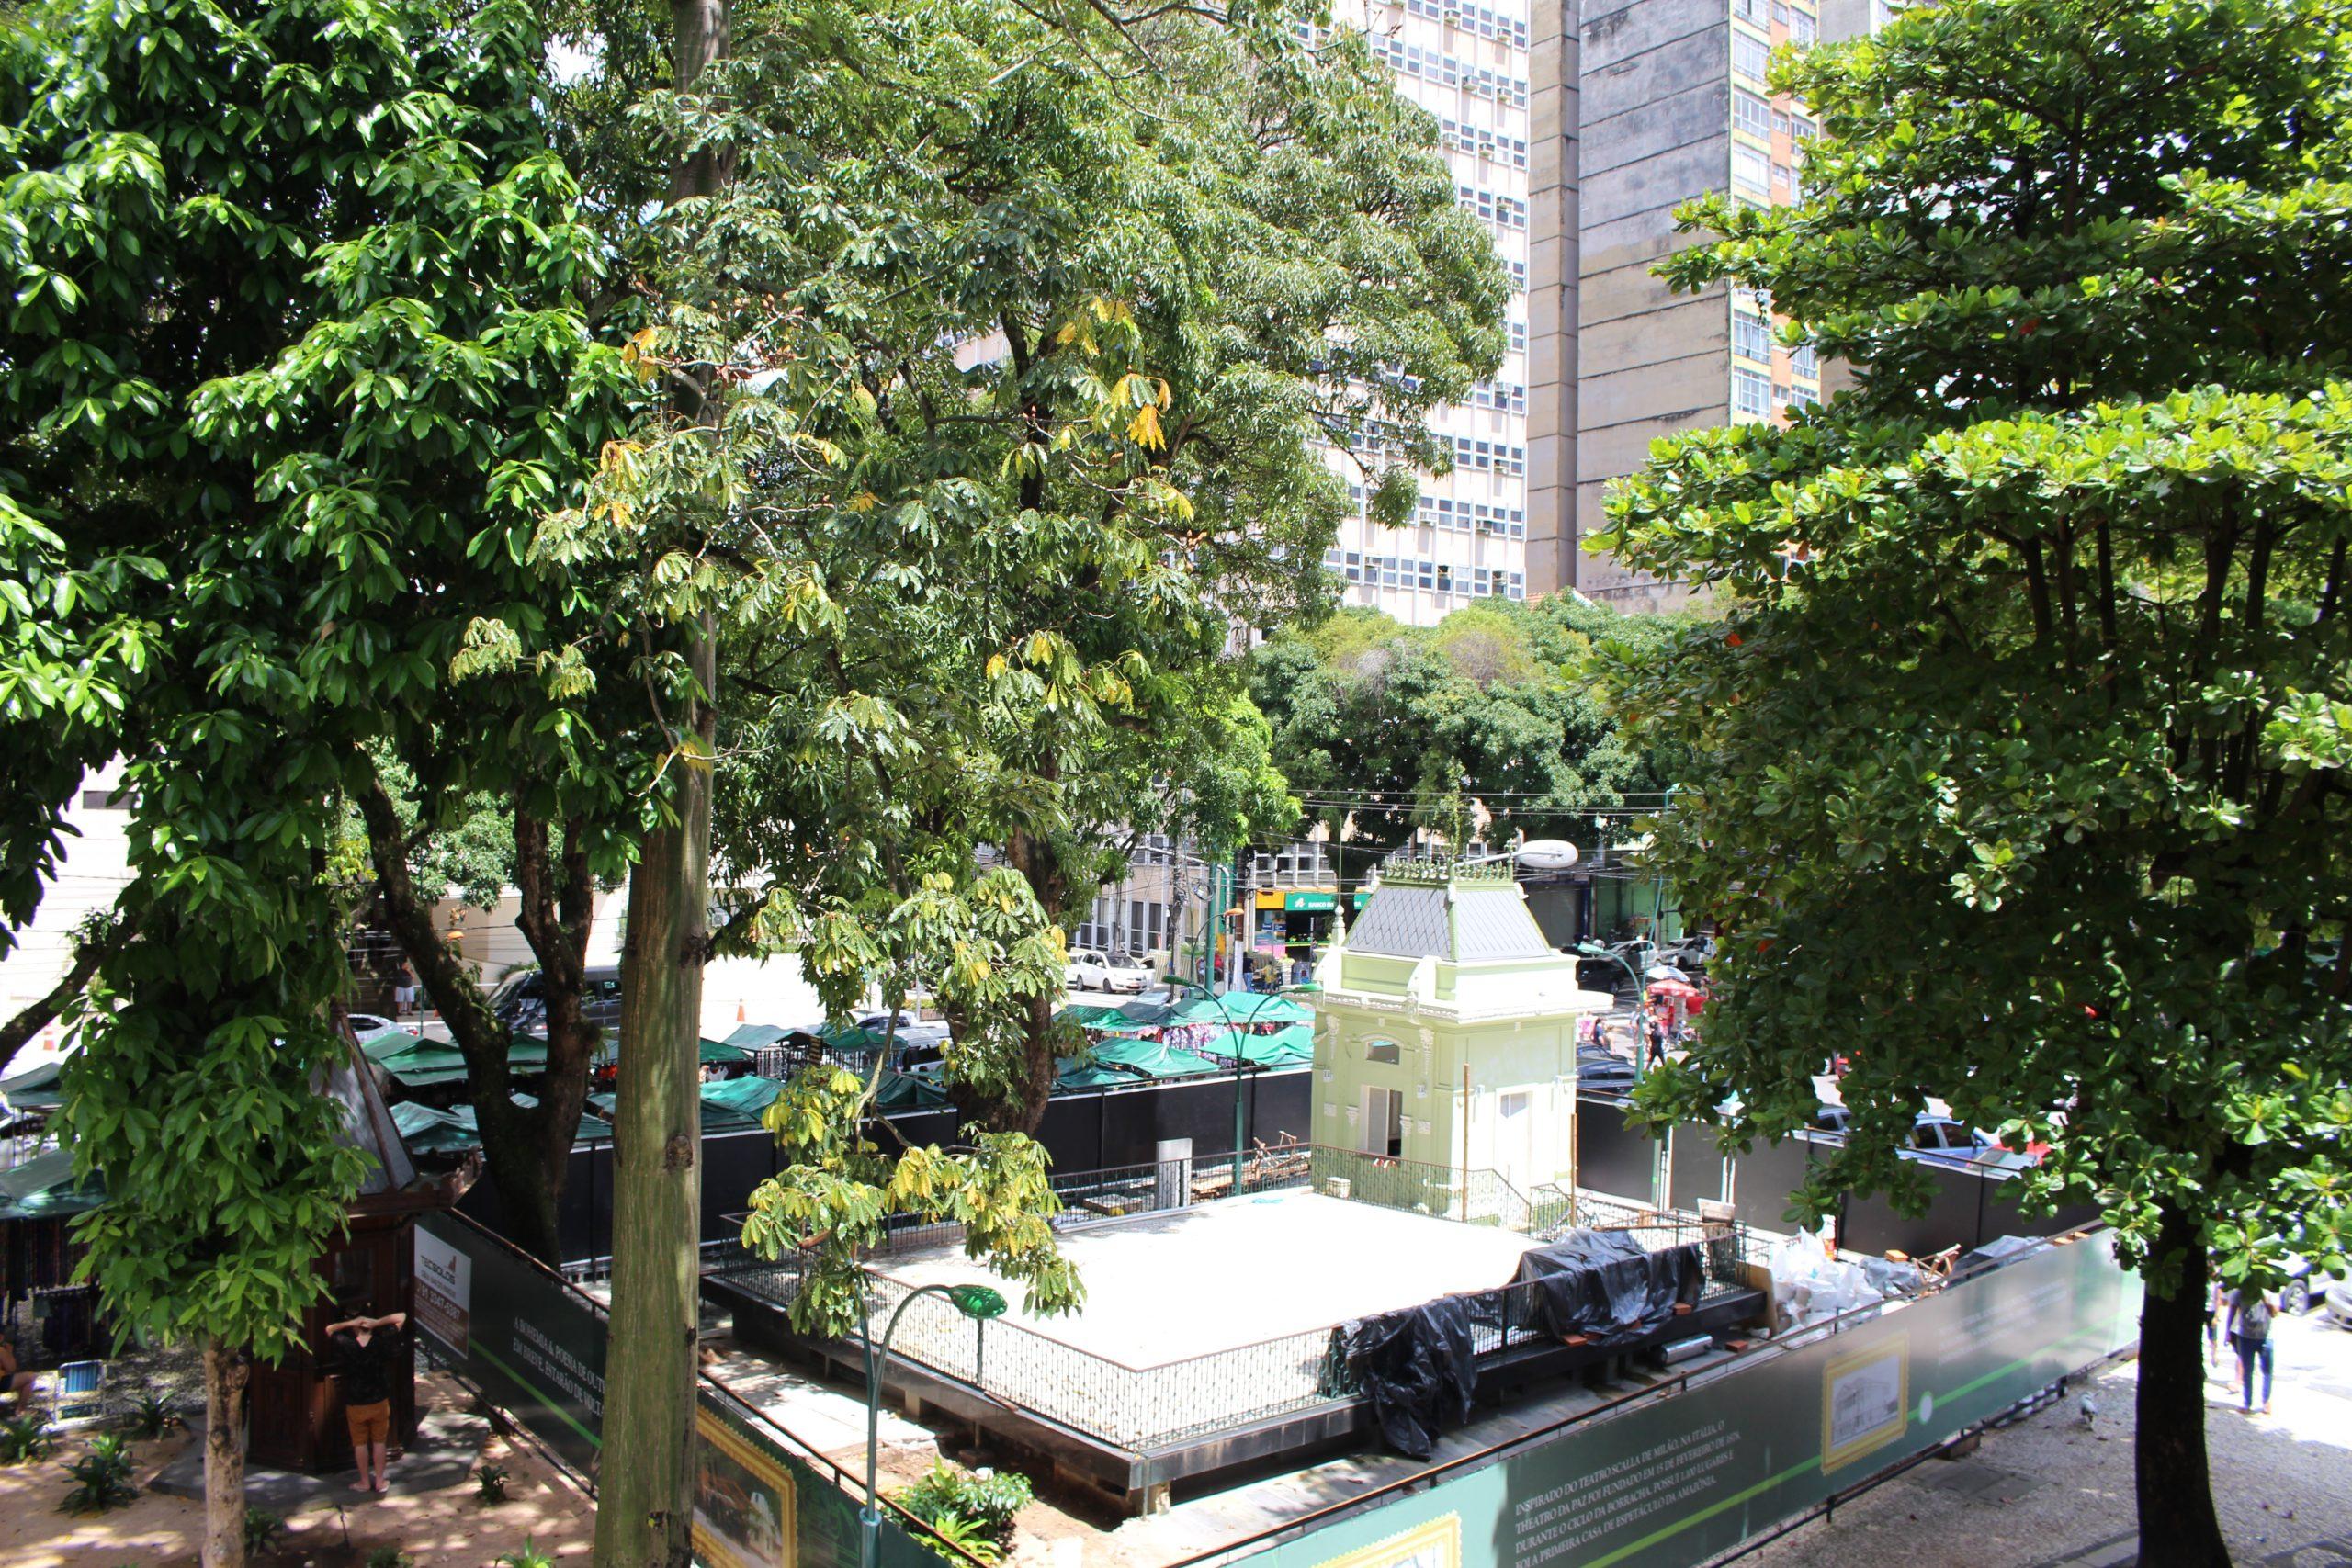 theatro_da_paz_bar_do_parque